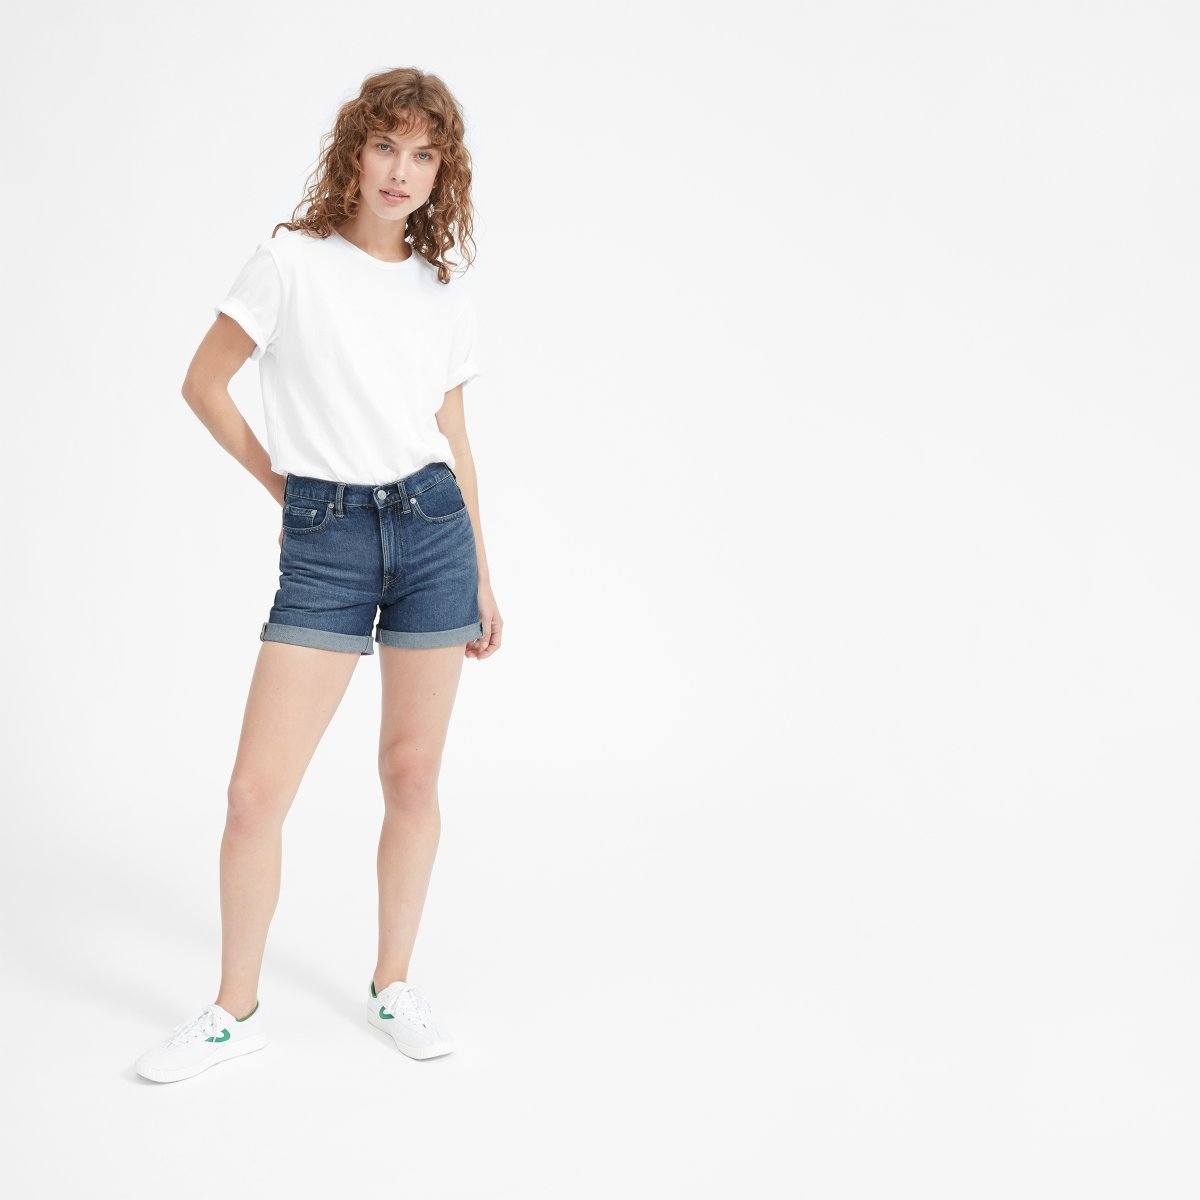 dbd598477efc Denim Shirt Denim Shorts